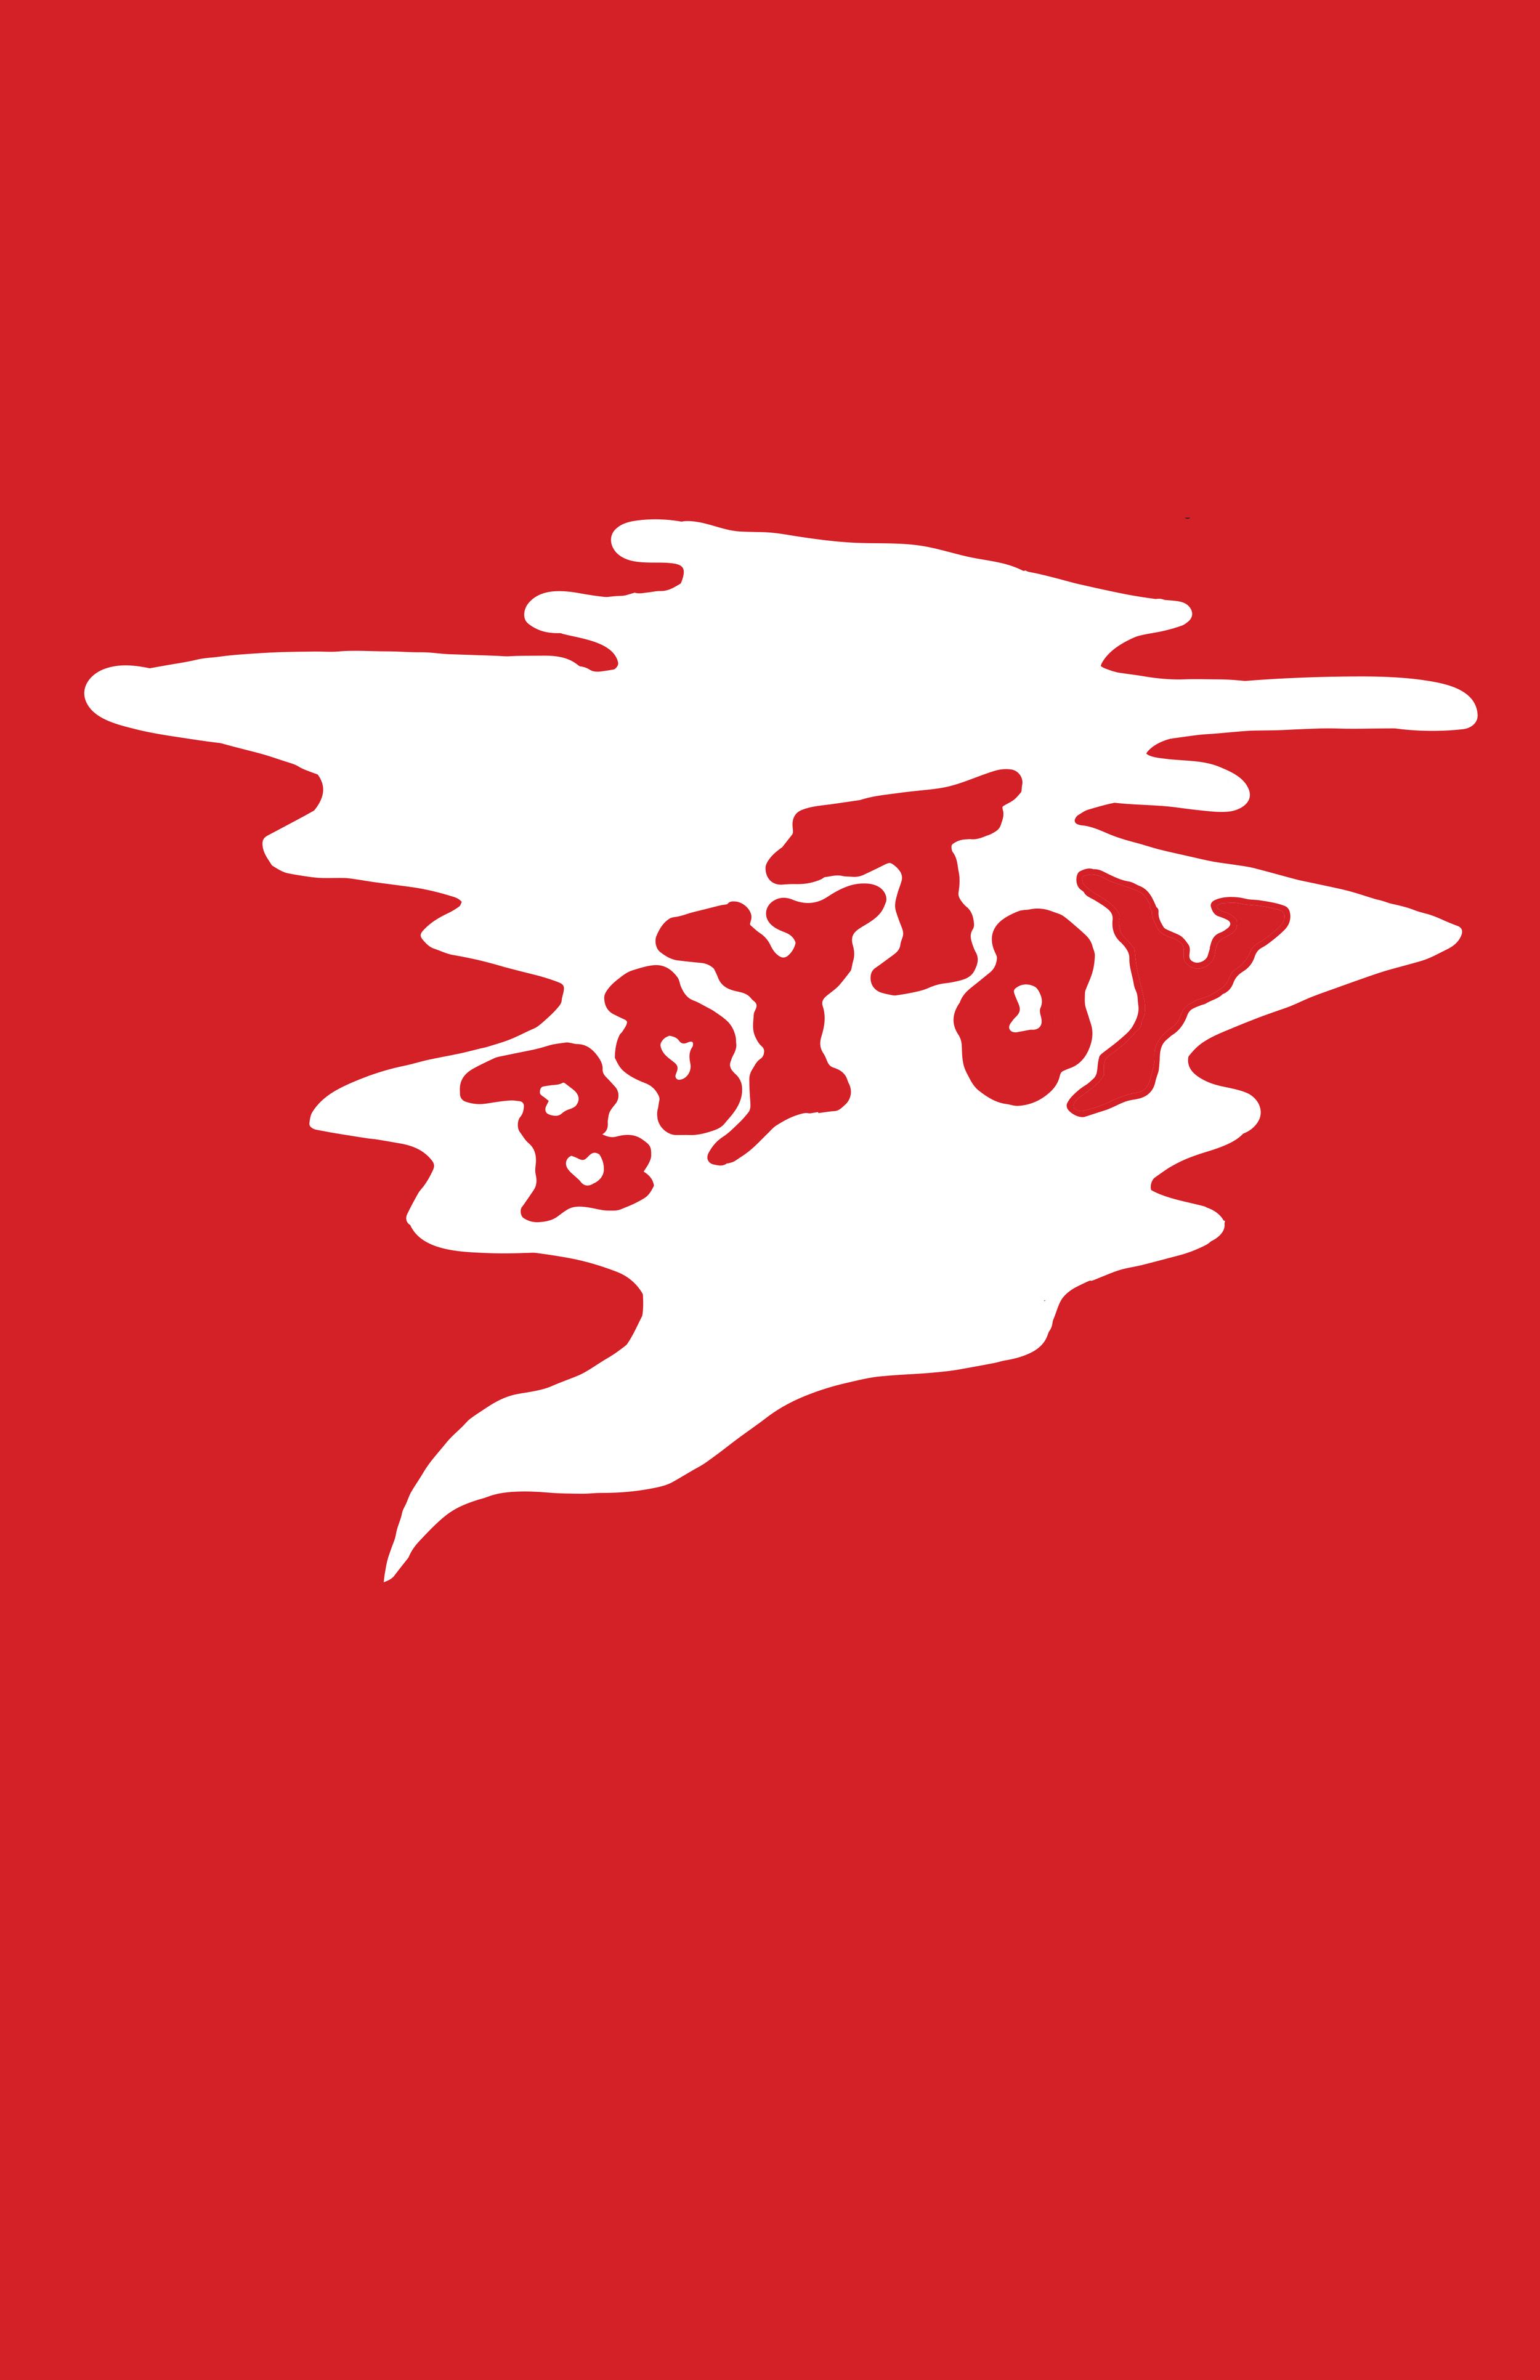 BOYTOY logo and koozie design